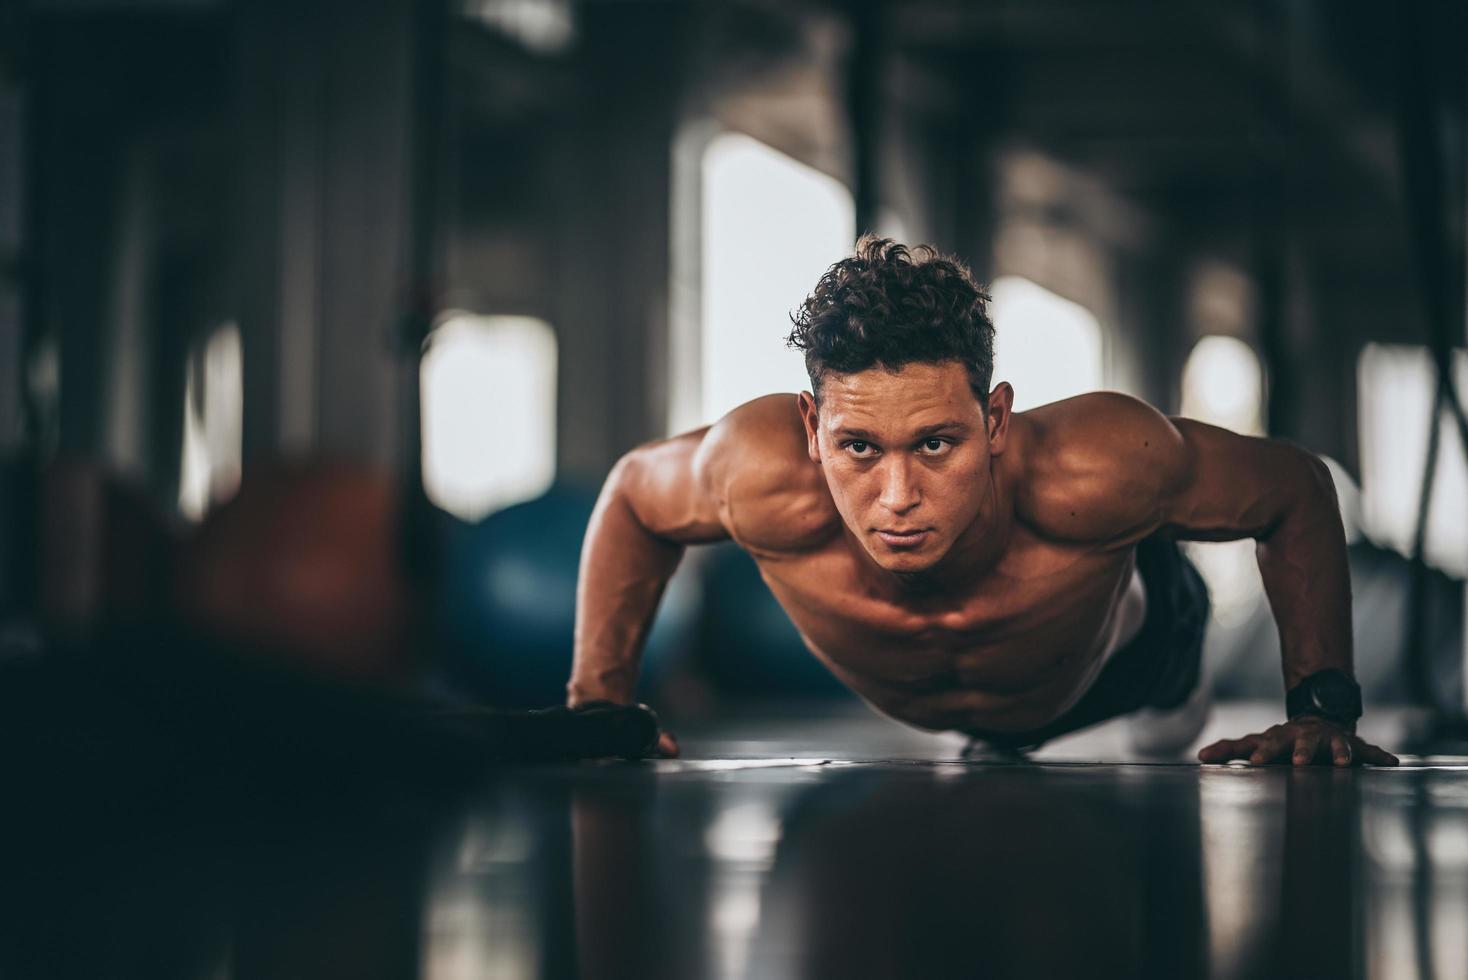 männlicher Athlet, der Liegestütze im Fitnessstudio tut foto